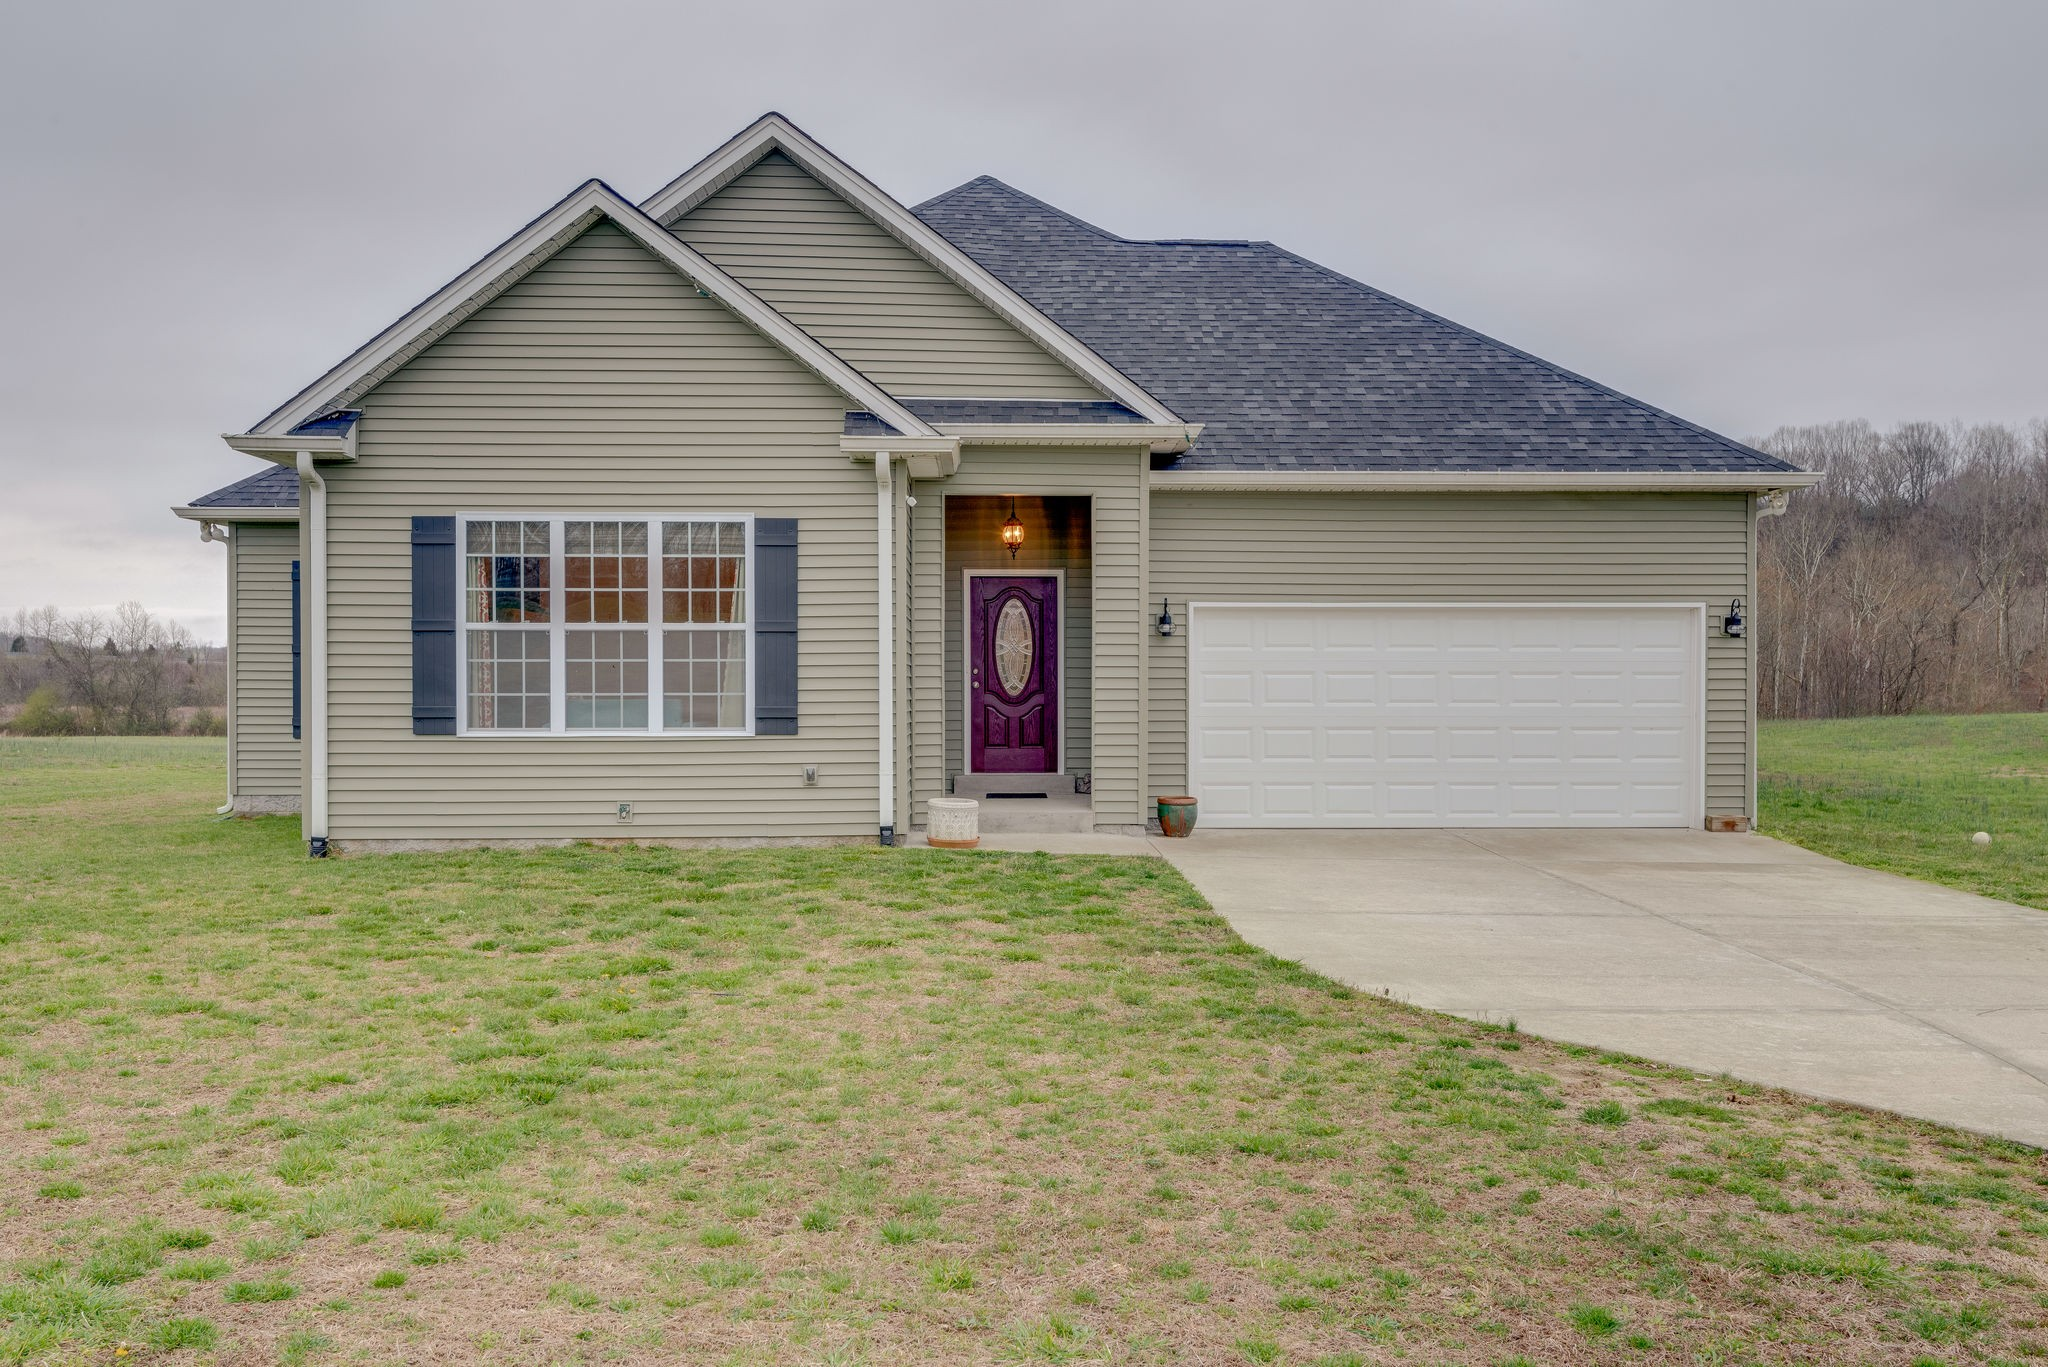 872 Tidwell Rd, Burns, TN 37029 - Burns, TN real estate listing